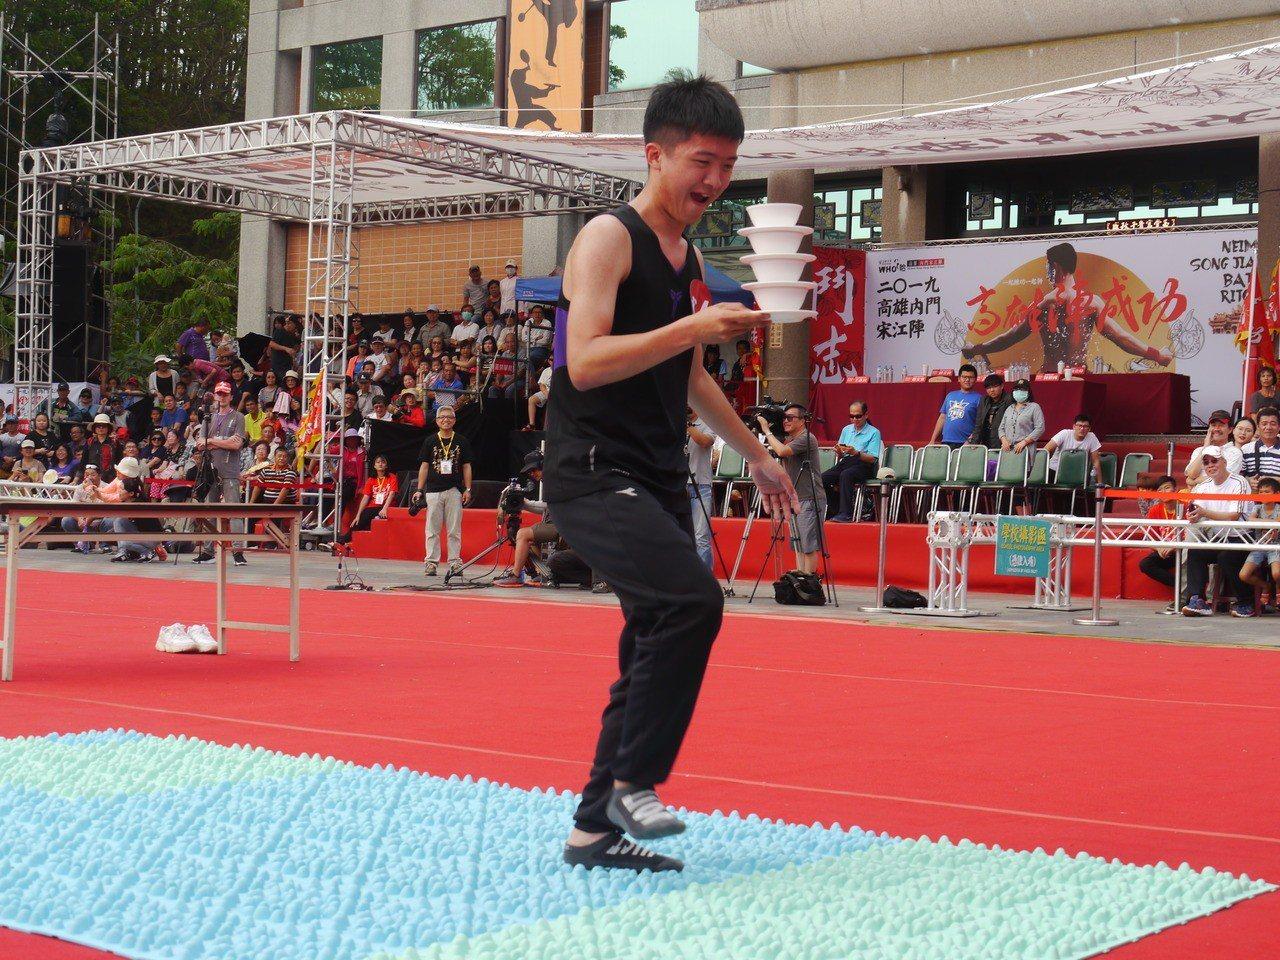 參賽者端碗盤行走比擬「天堂路」的尖銳地墊。 記者徐白櫻/攝影